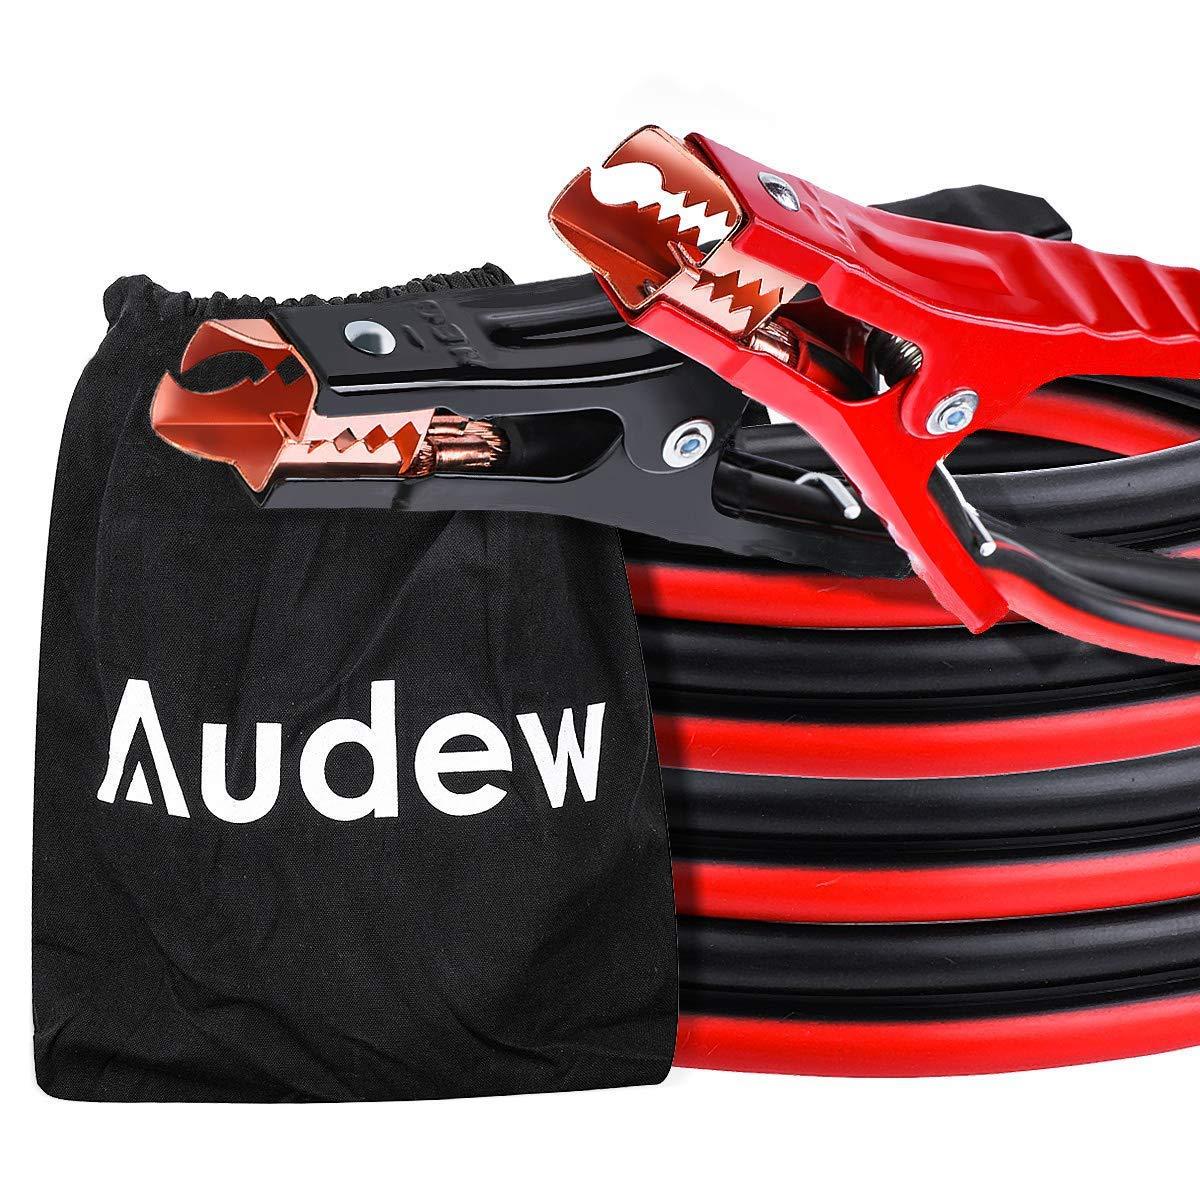 Audew Cable Câble de démarrage 4GA-20FT 6M Cordon d'alimentation Aluminium plaqué de cuivre pour Voiture, Camion, Moto, et Autres véhicules et Autres véhicules AUDEWPsiWkFhVT